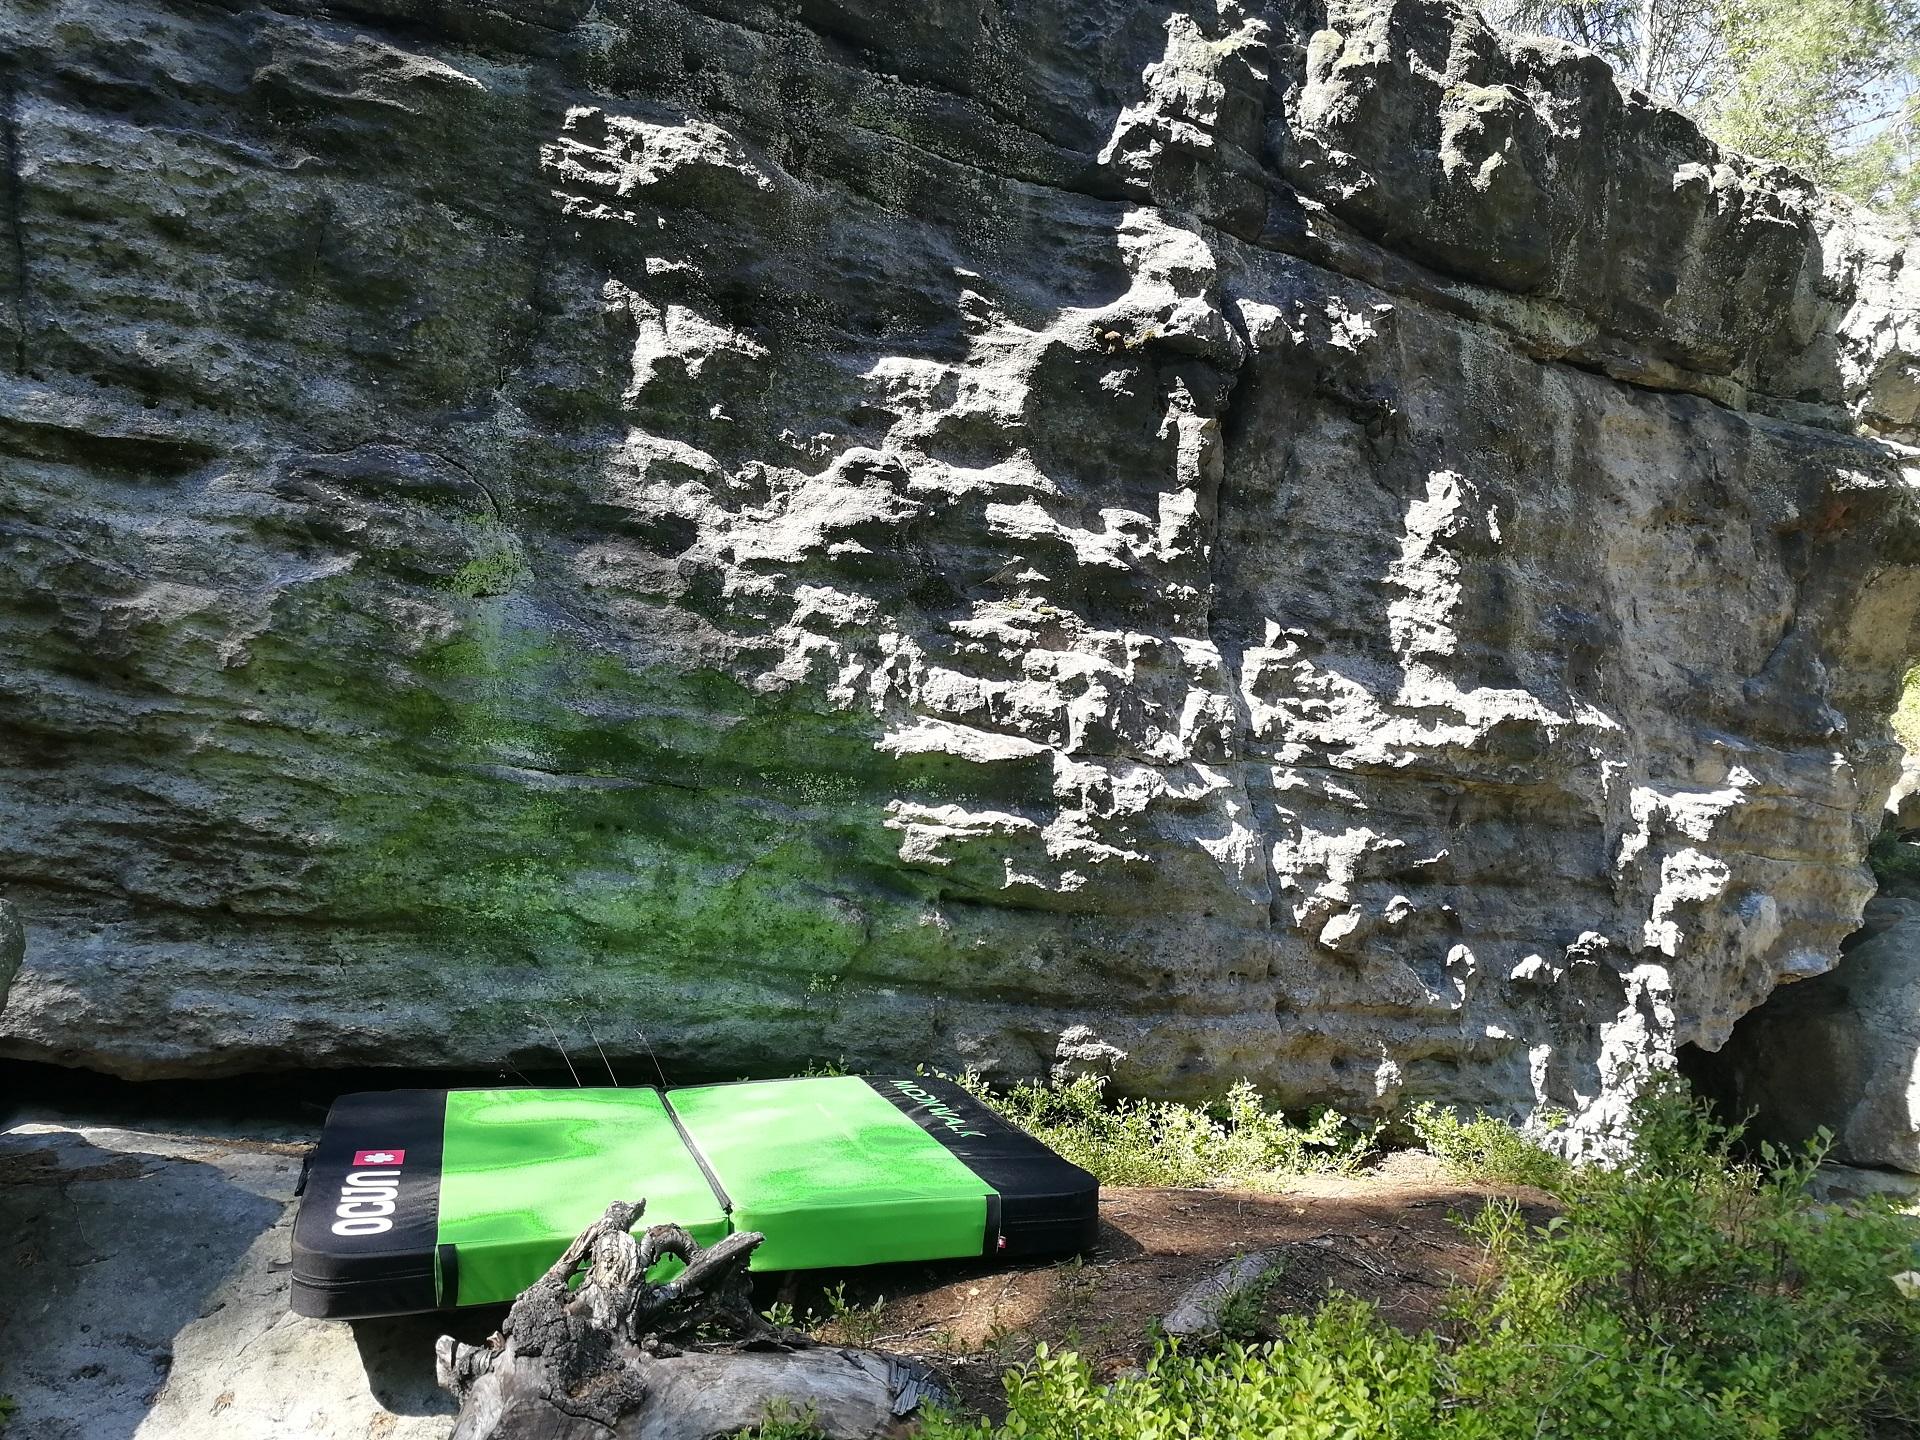 Bouldermatka Ocun moonwalk pod pískovcovým boulderem na Děčínském Sněžníku